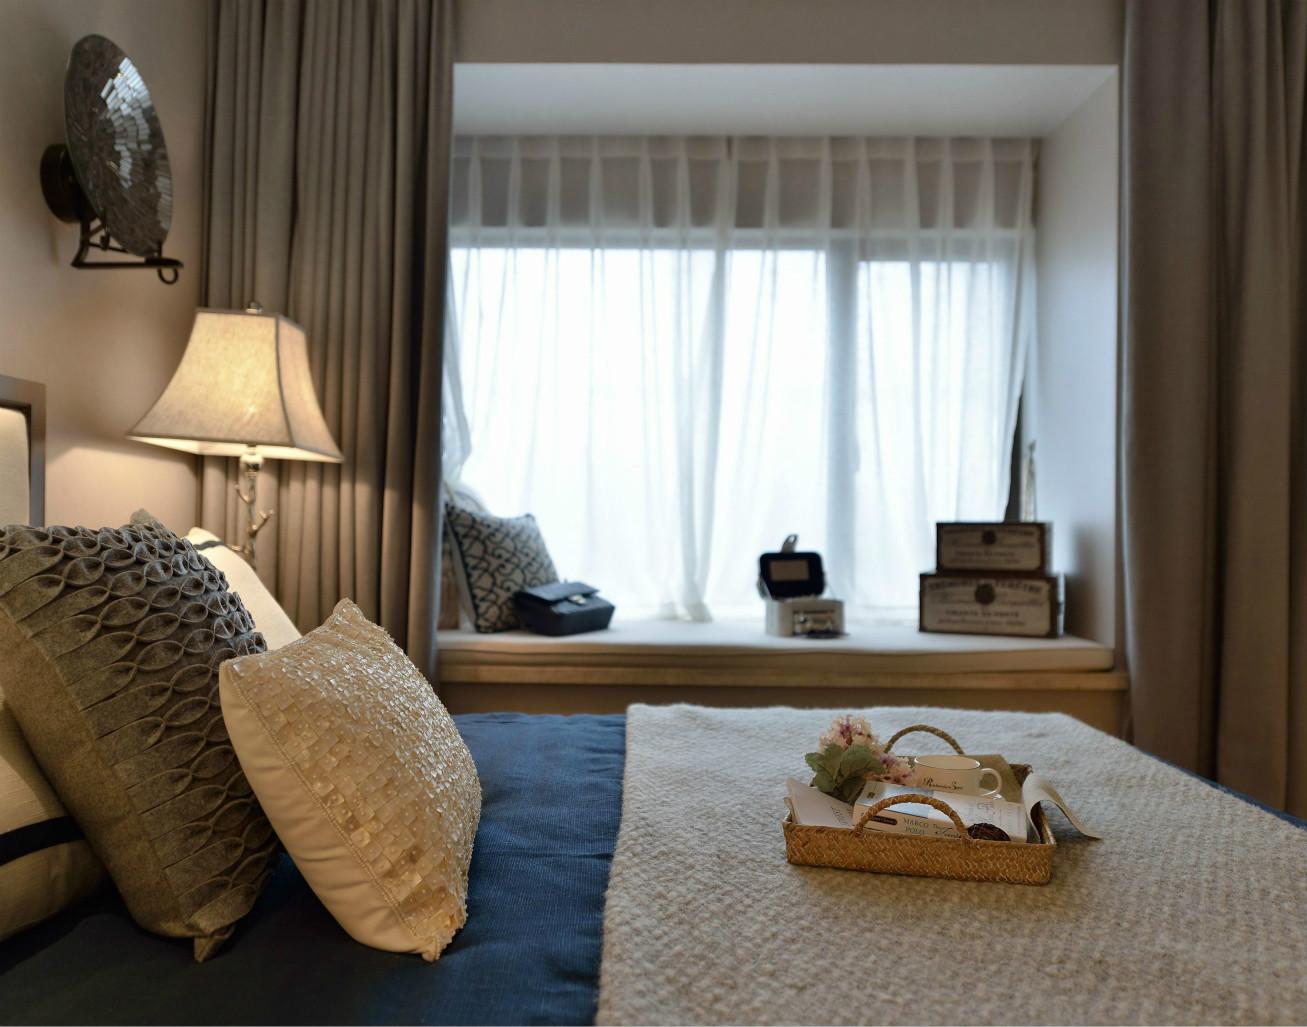 床品及窗帘等布艺饰品,用色上的统一,让空间质感上乘